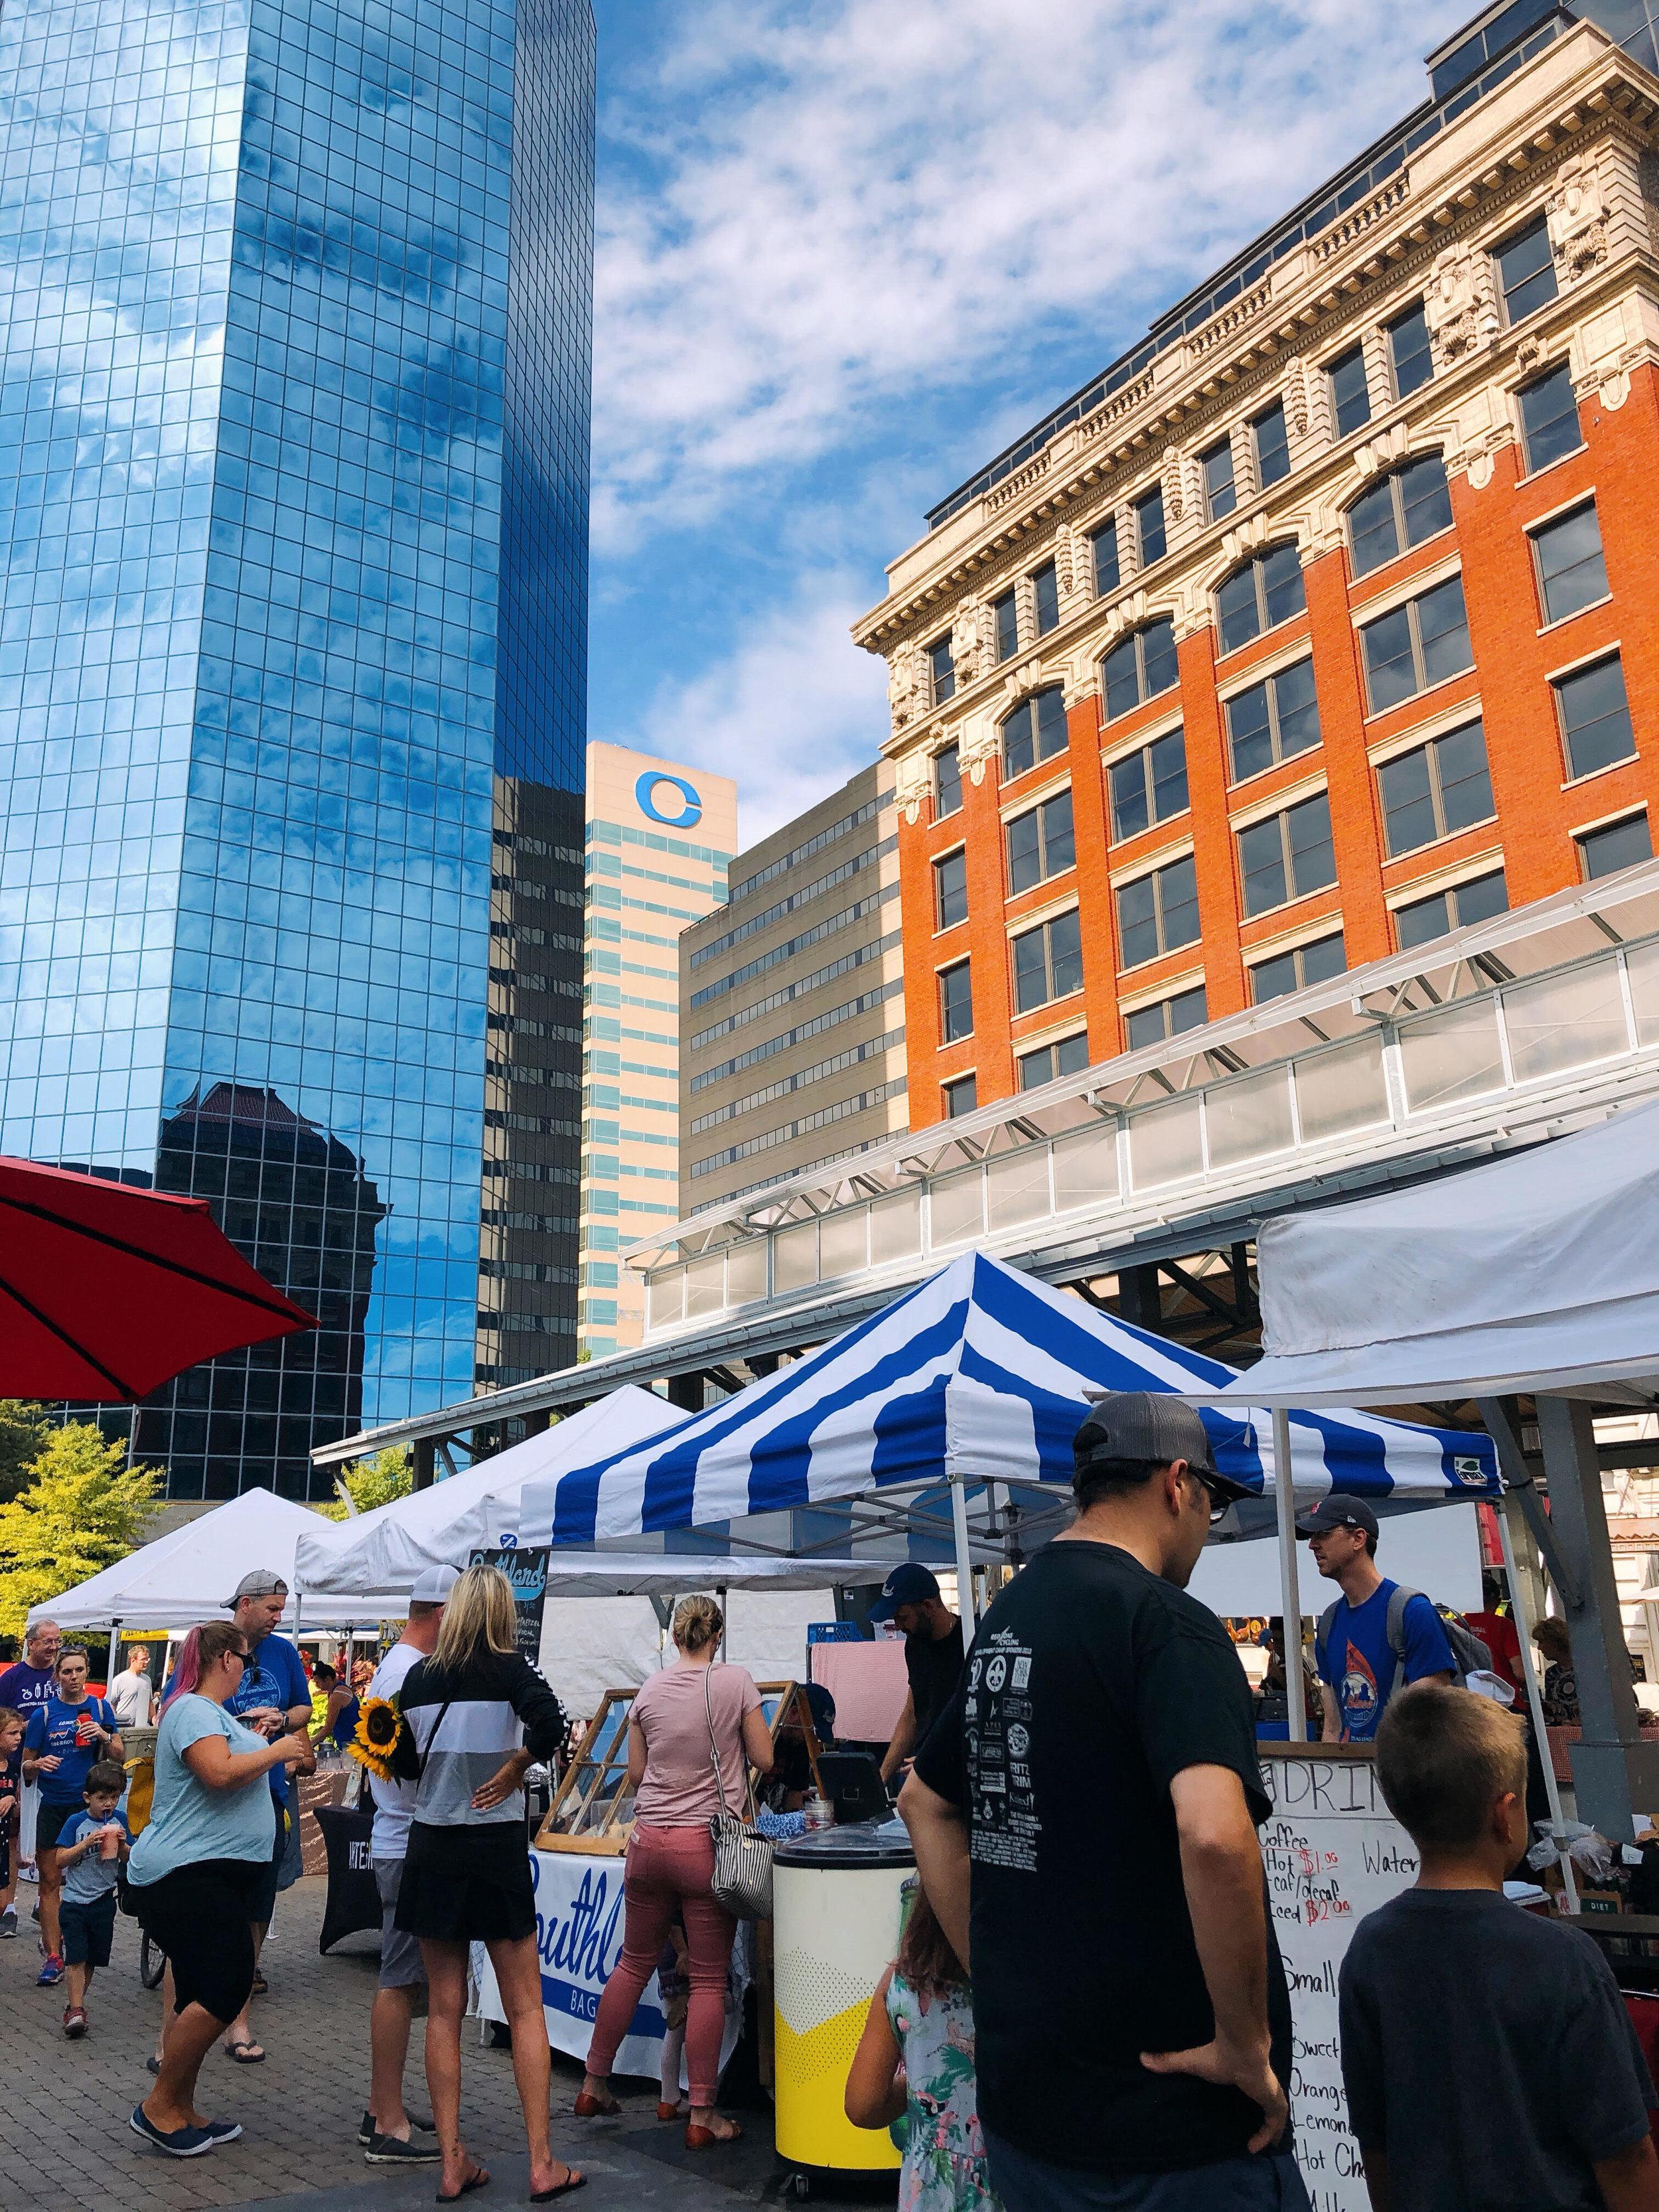 Farmer's Market in Downtown Lexington